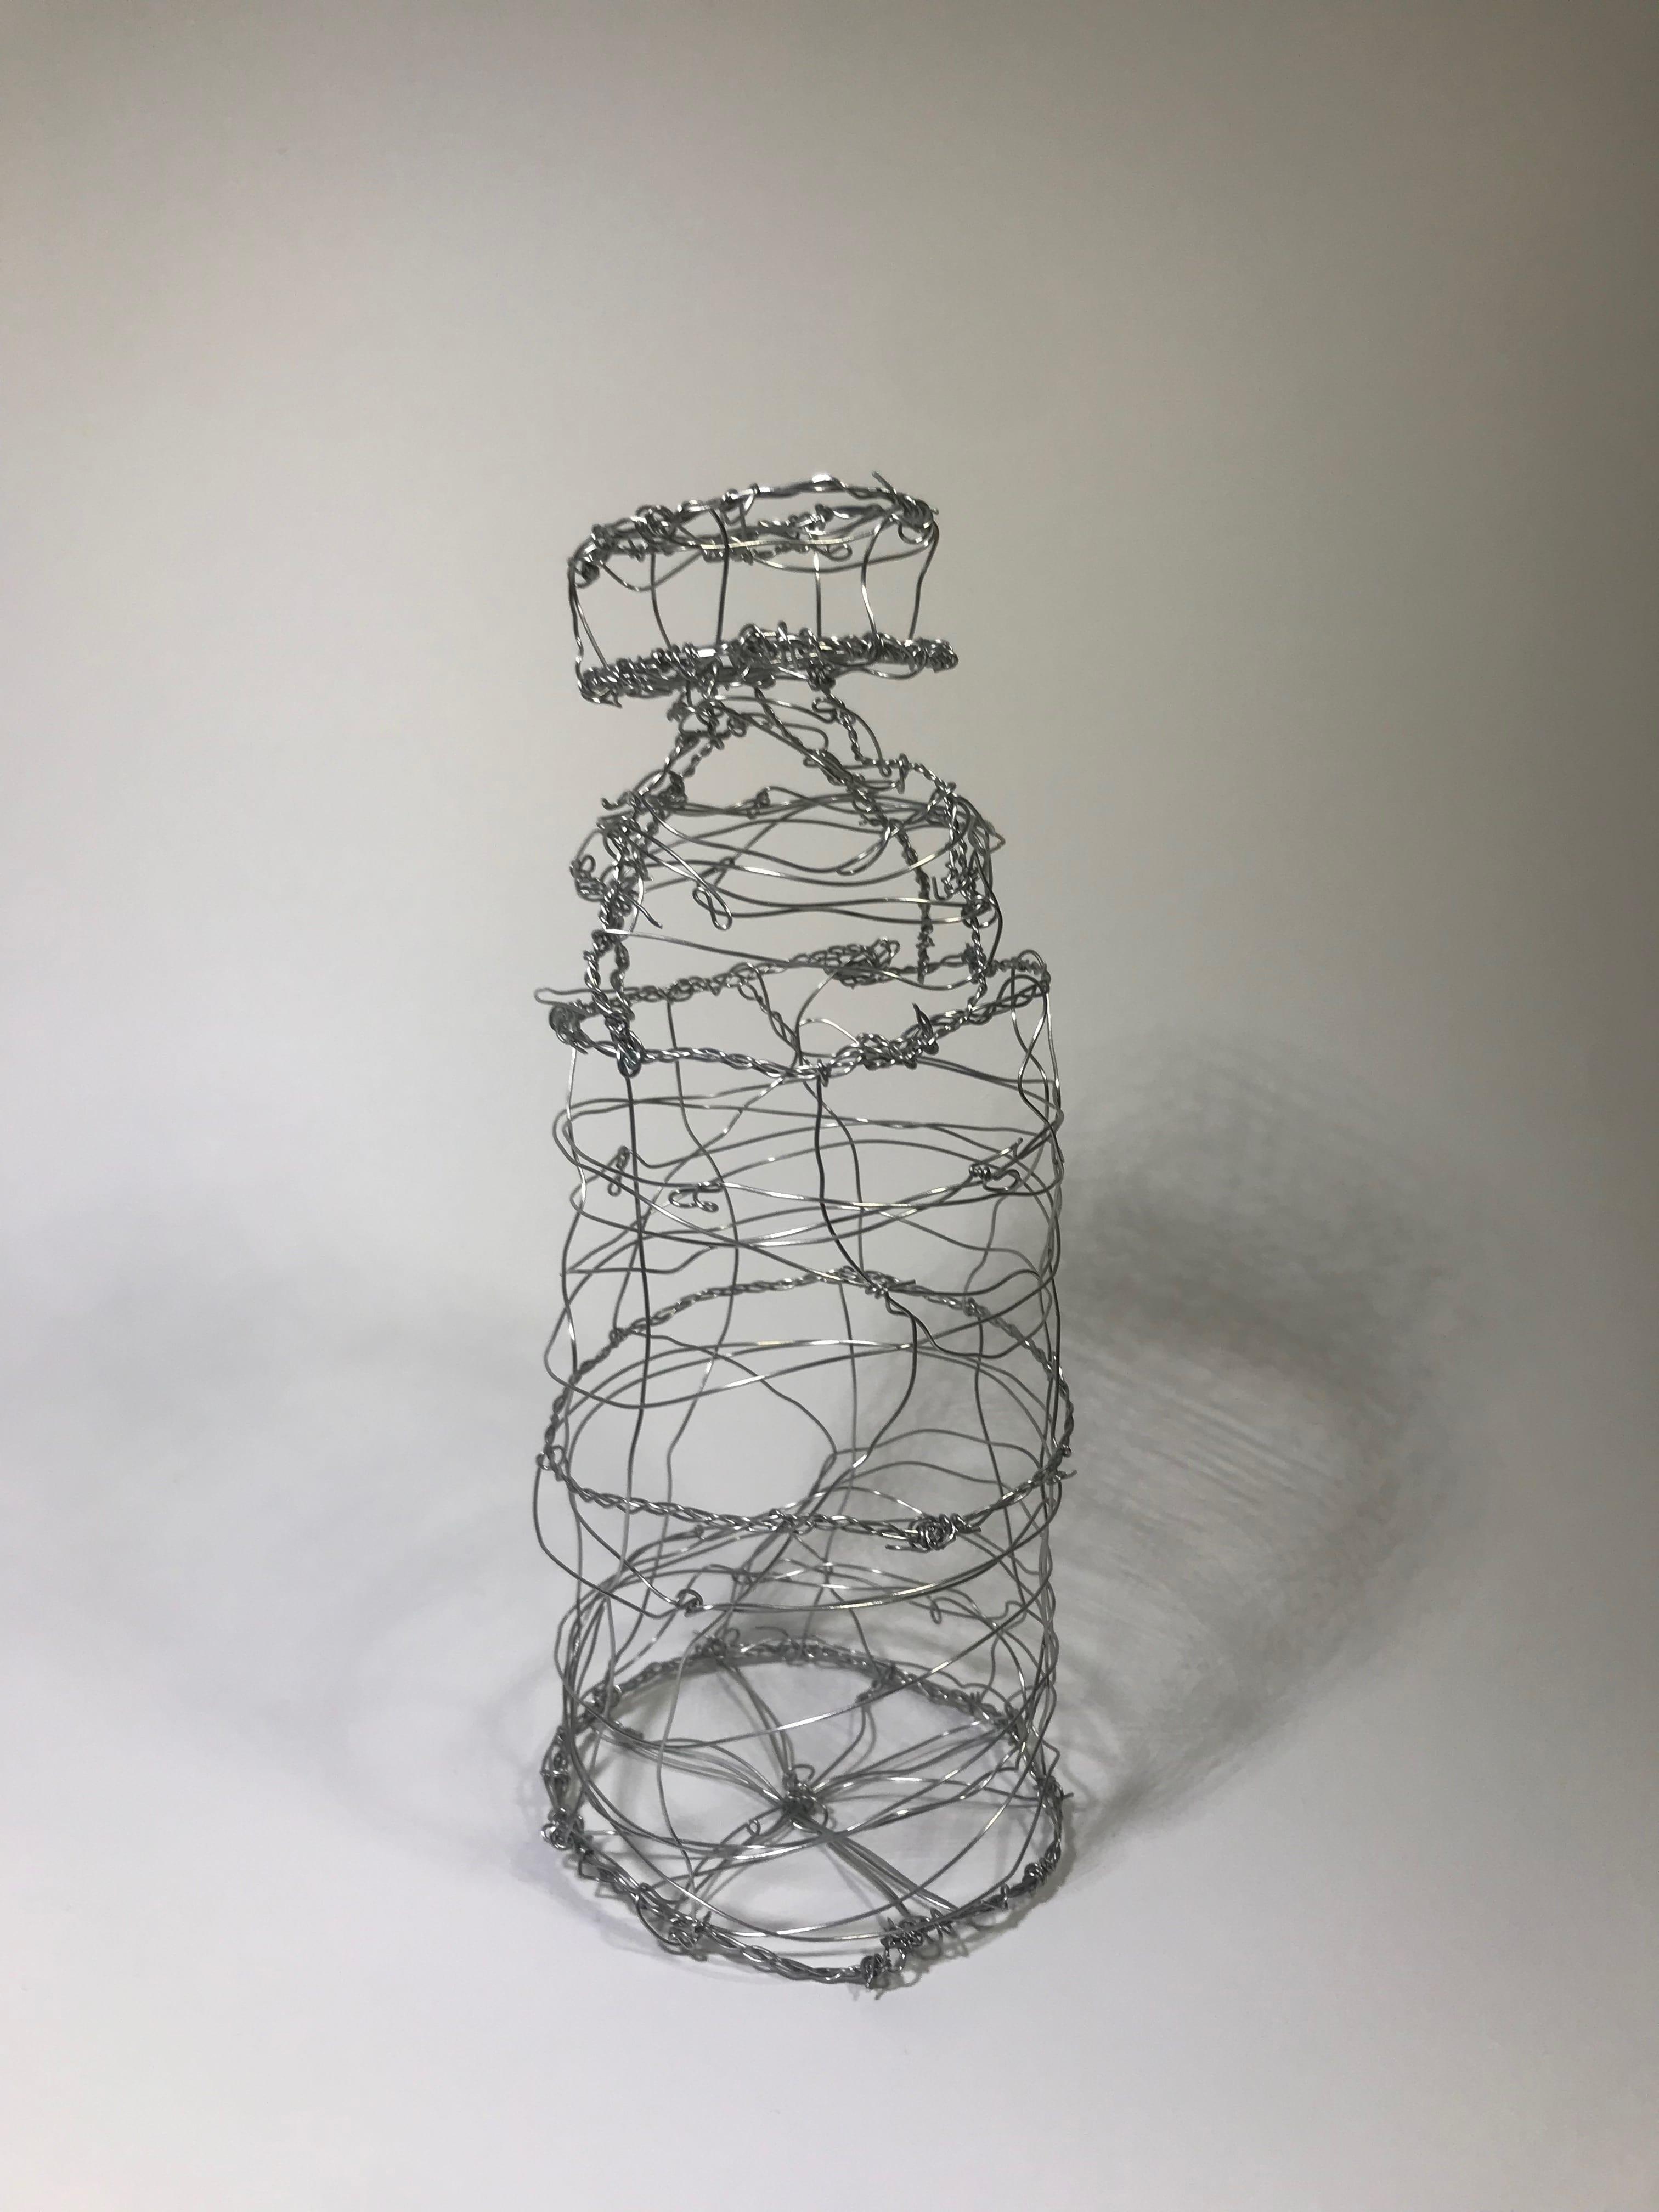 3-D Wire Object: Water Bottle